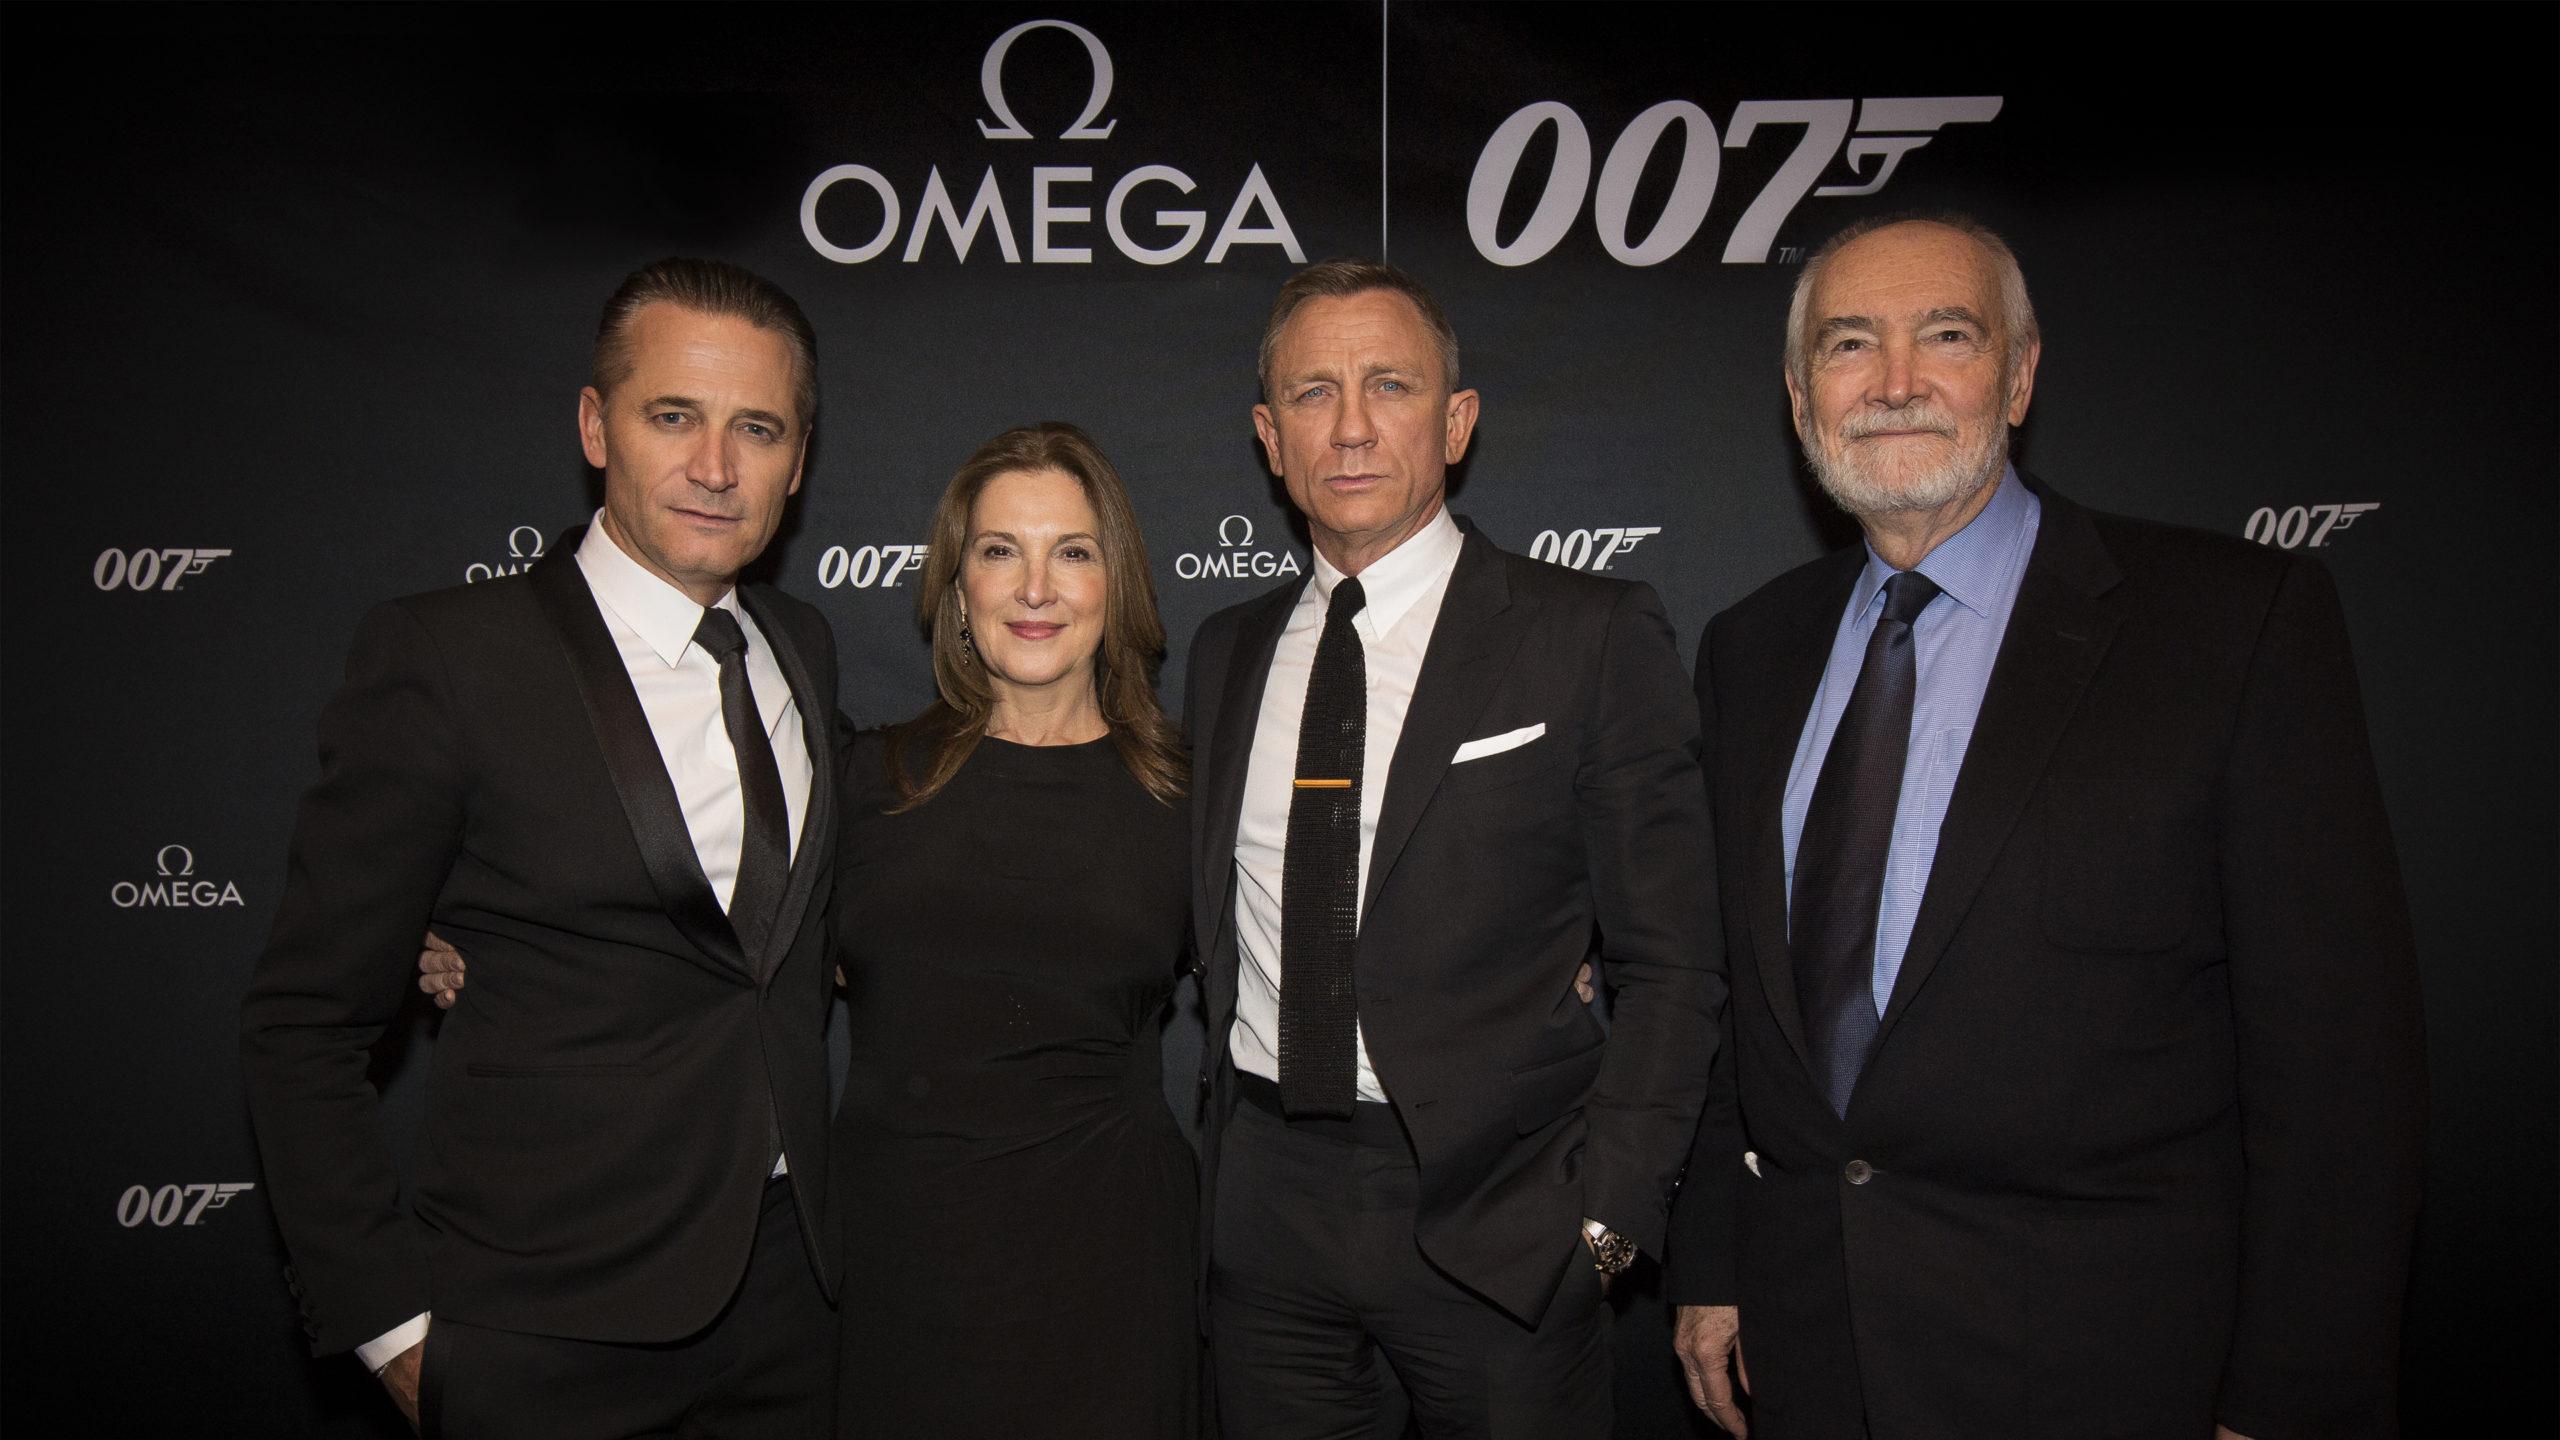 omega lanceert nieuwste james bond horloge in new york